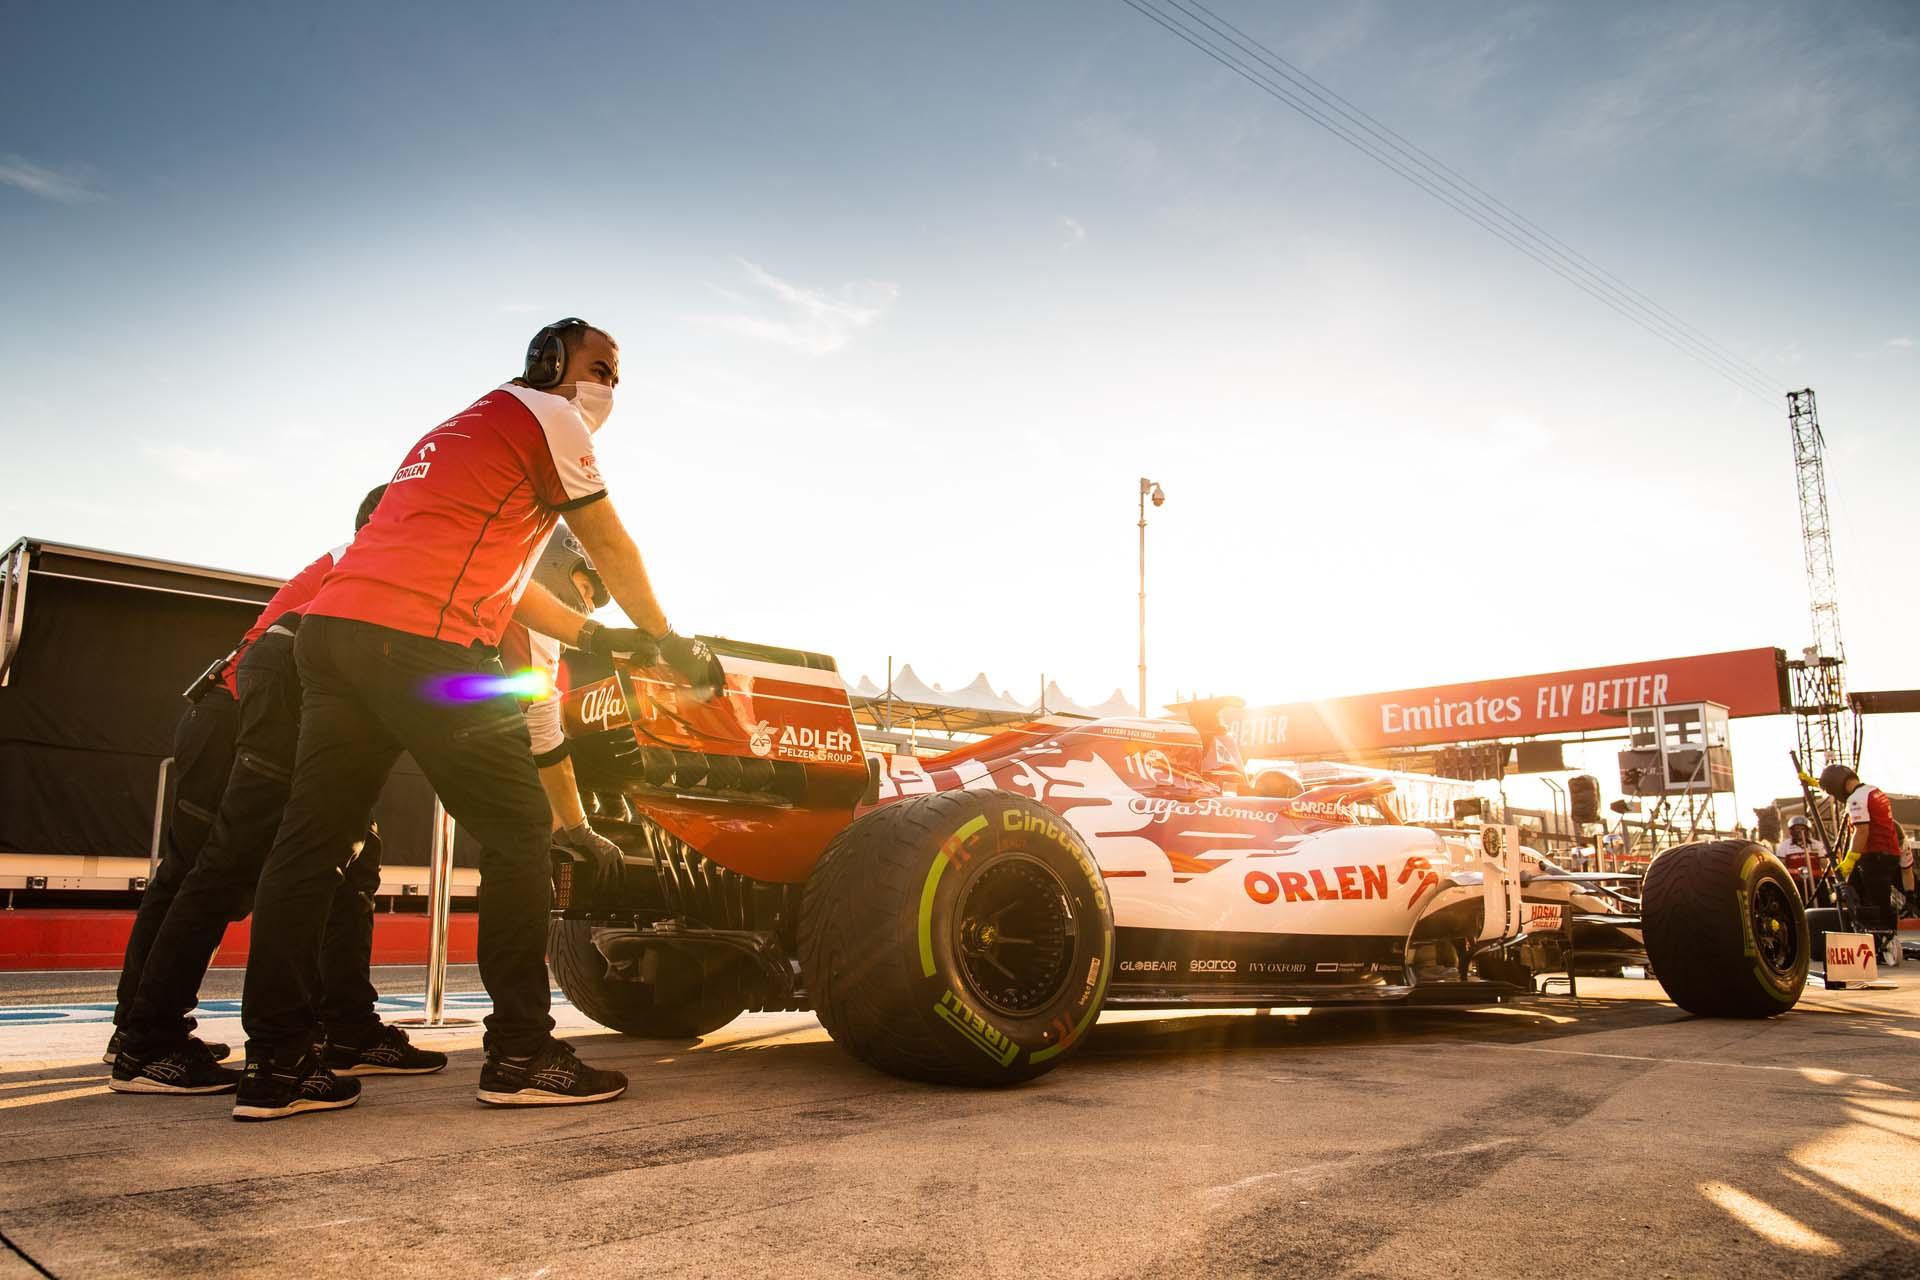 F1 - EMILIA ROMAGNA GRAND PRIX 2020